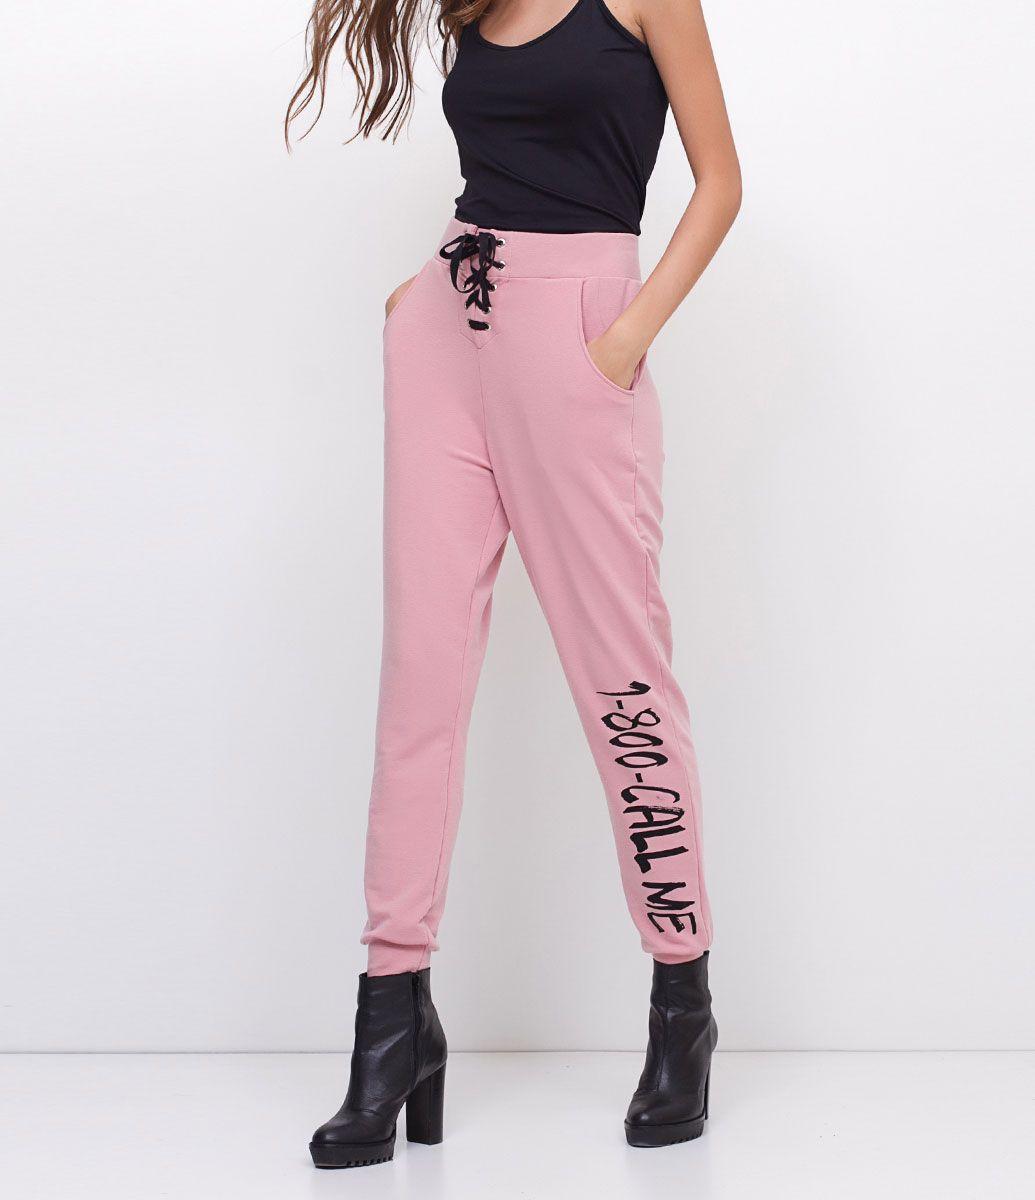 a3b77e1b1f Calça feminina Modelo jogger Com amarração Com estampa na perna Marca  Blue  Steel Tecido  moletom Composição  98% poliéster